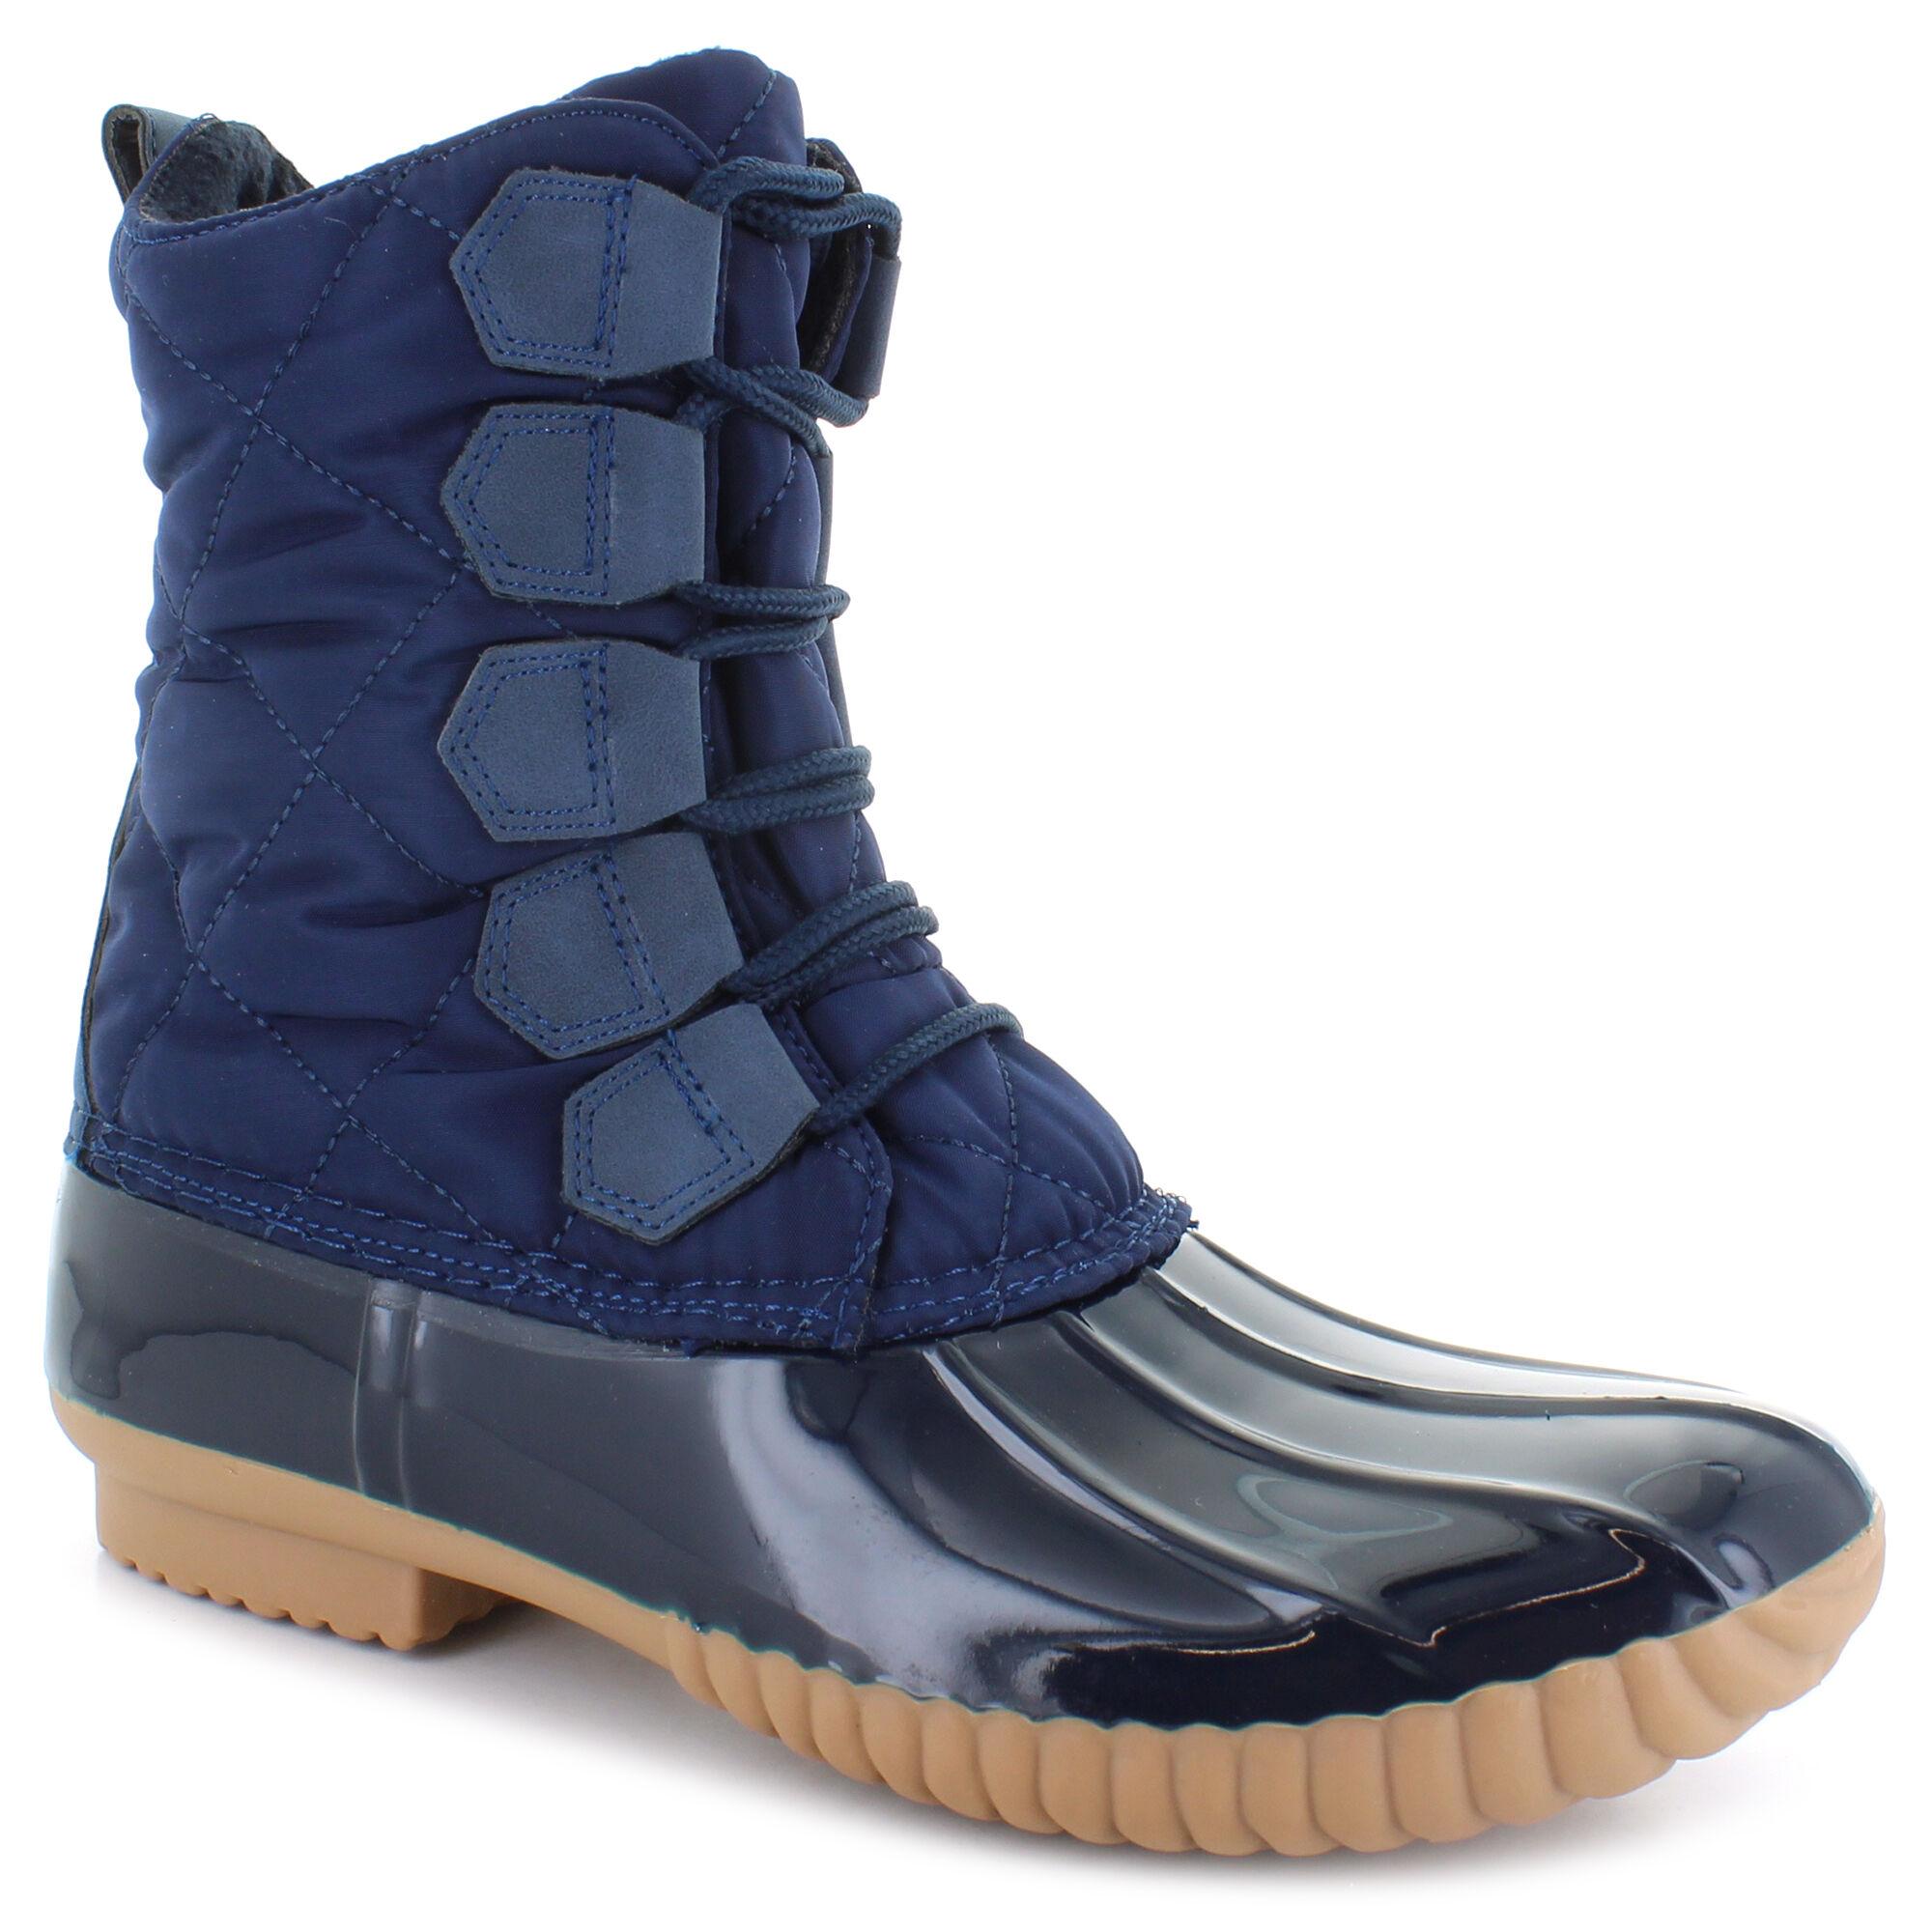 Women's Boots | Shop Now at SHOE SHOW MEGA